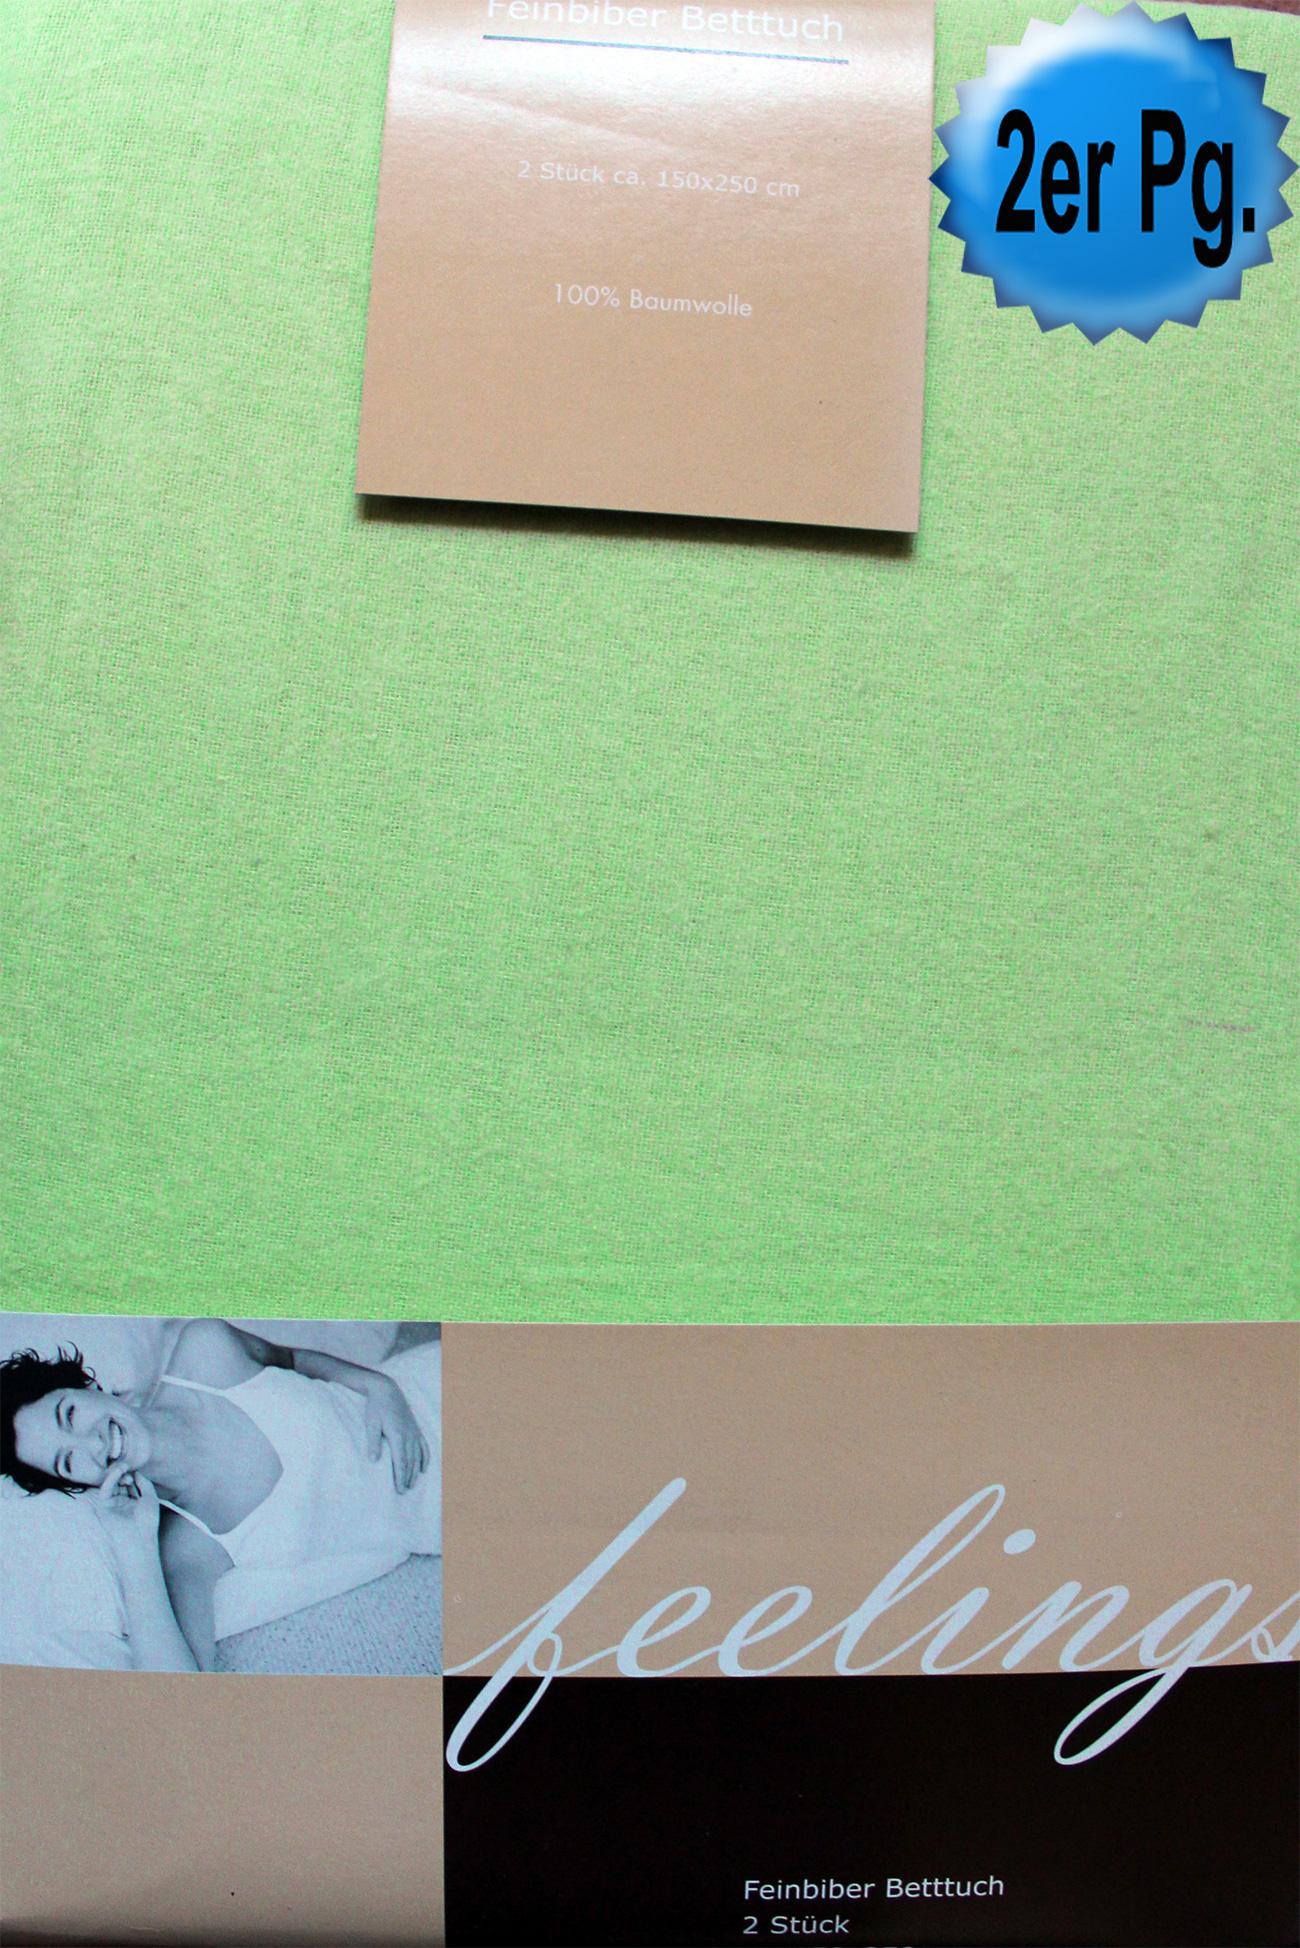 2er pg klassisches baumwoll biber haustuch betttuch bettlaken ohne spanngummi 150x250 cm. Black Bedroom Furniture Sets. Home Design Ideas